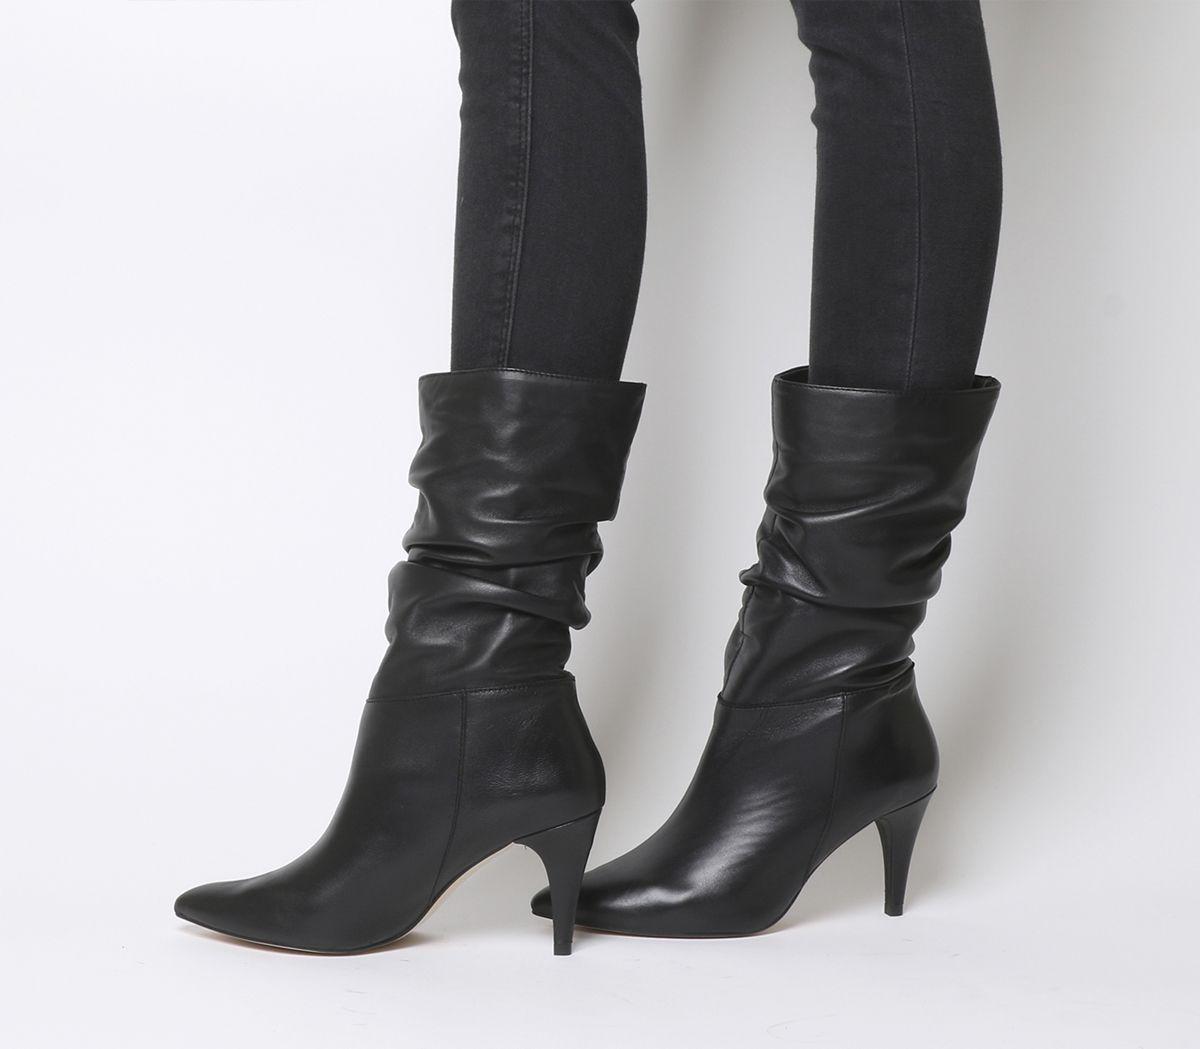 e315b5f2496 Keepsake Calf Boots